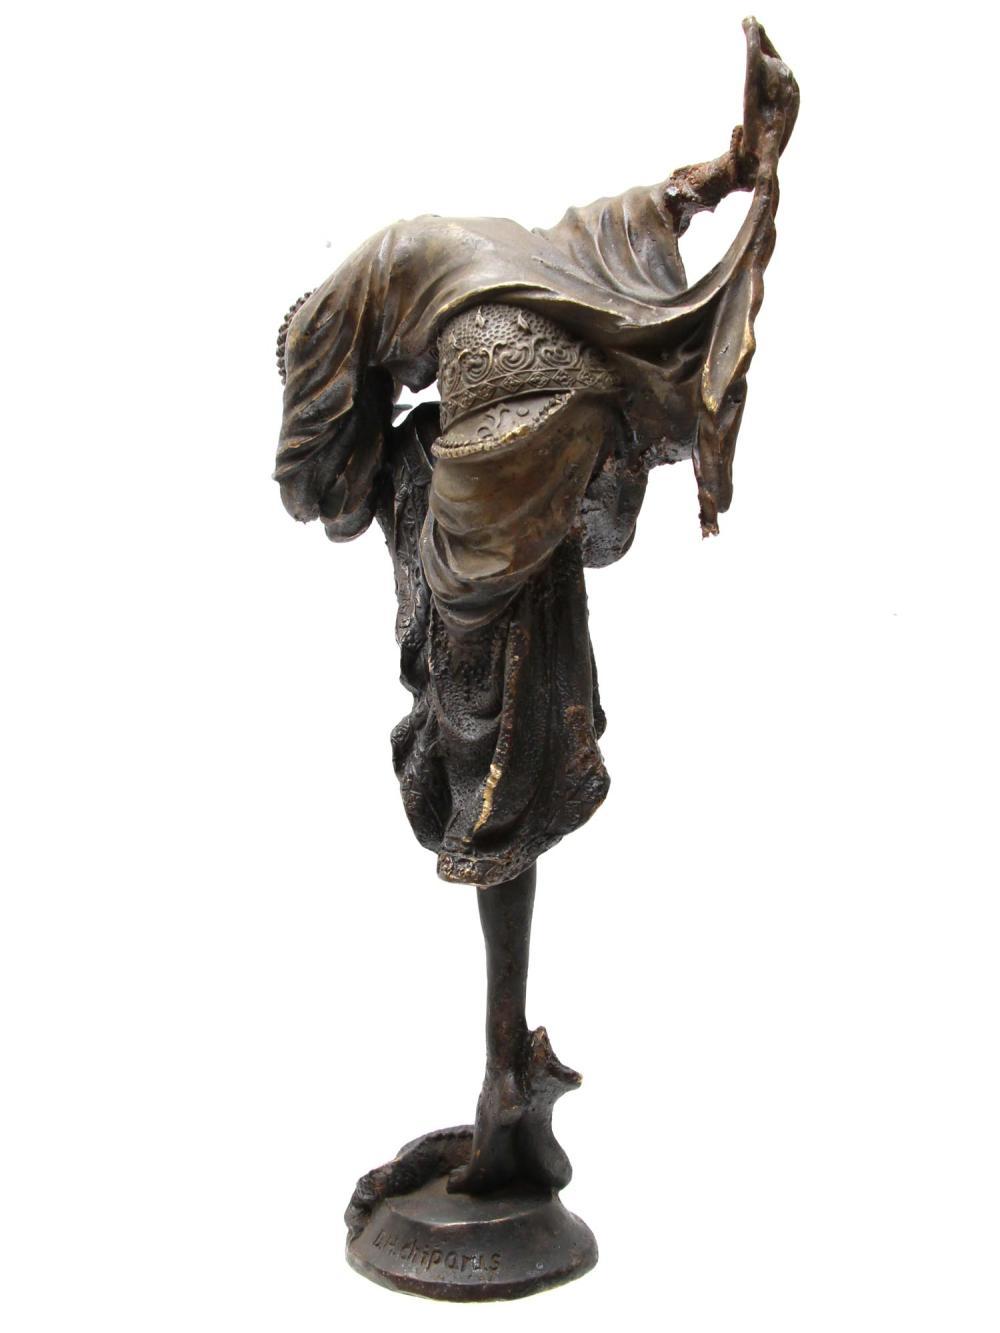 ART DECO BRONZE STATUE BY DEMETRE H CHIPARUS